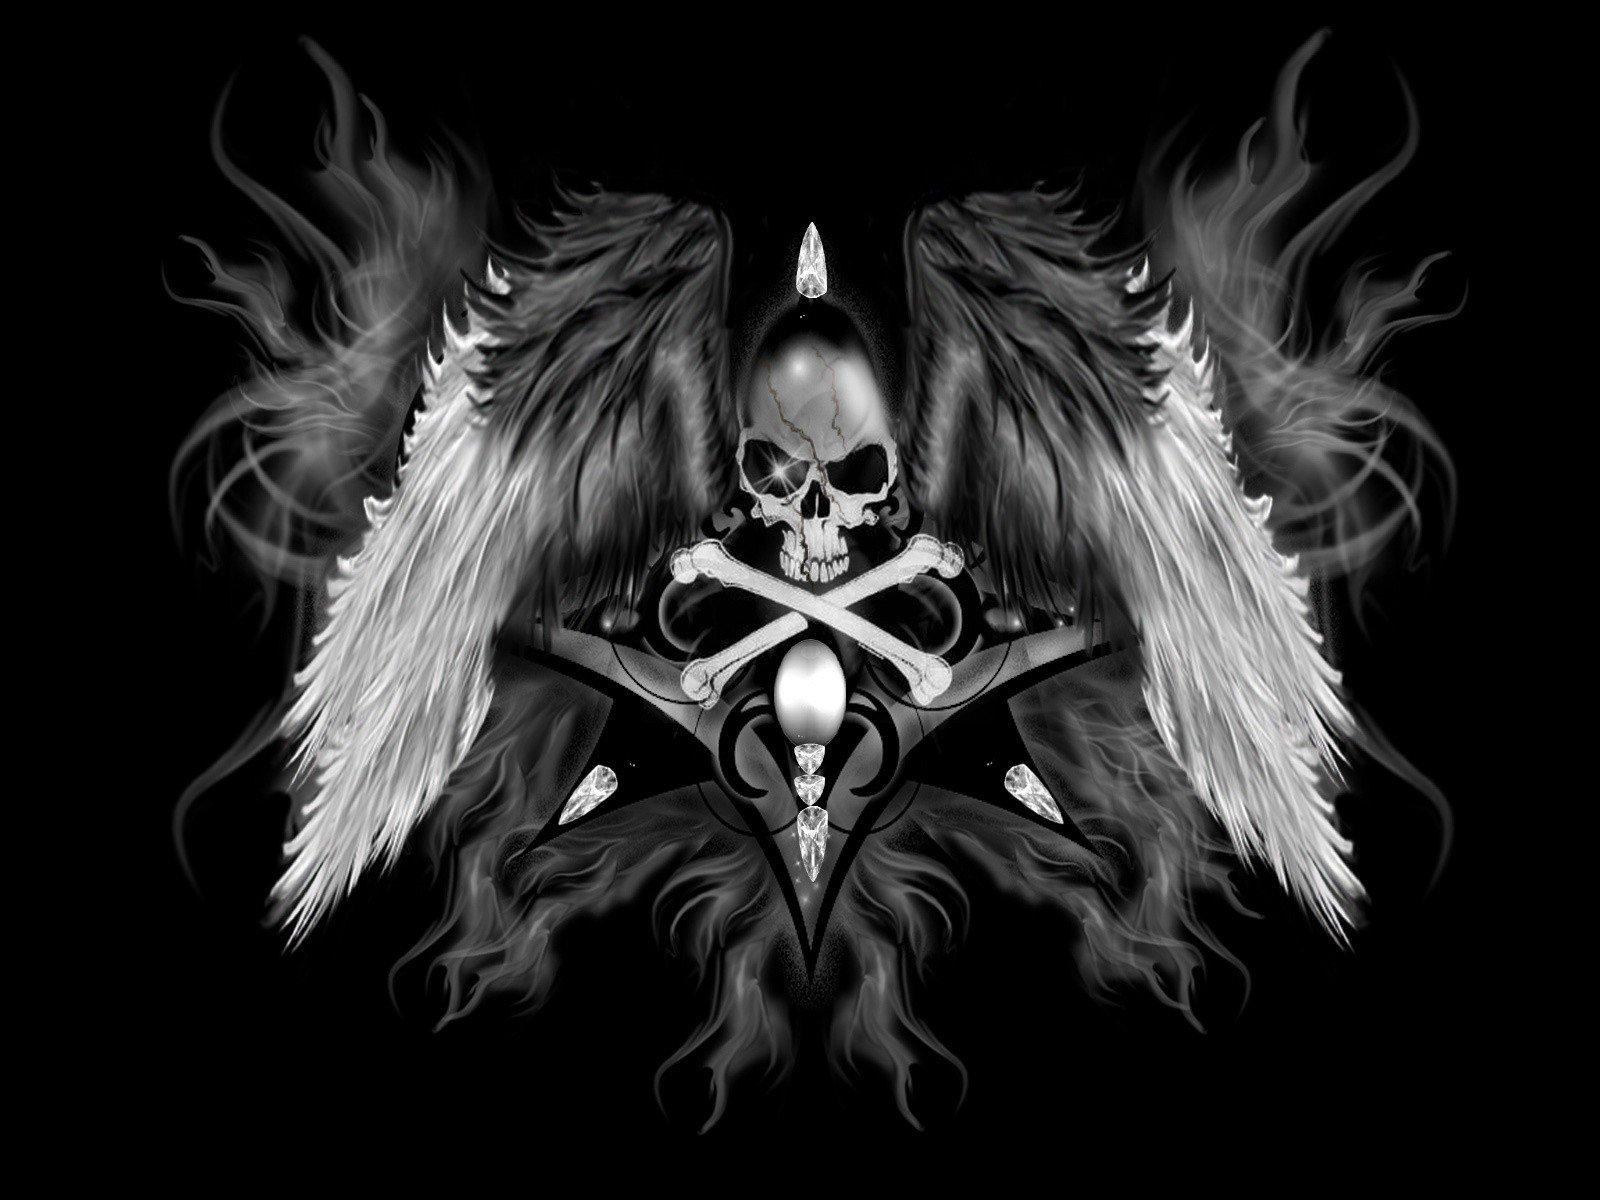 Wallpaper 1600x1200 Px Angel Dark Occult Skull